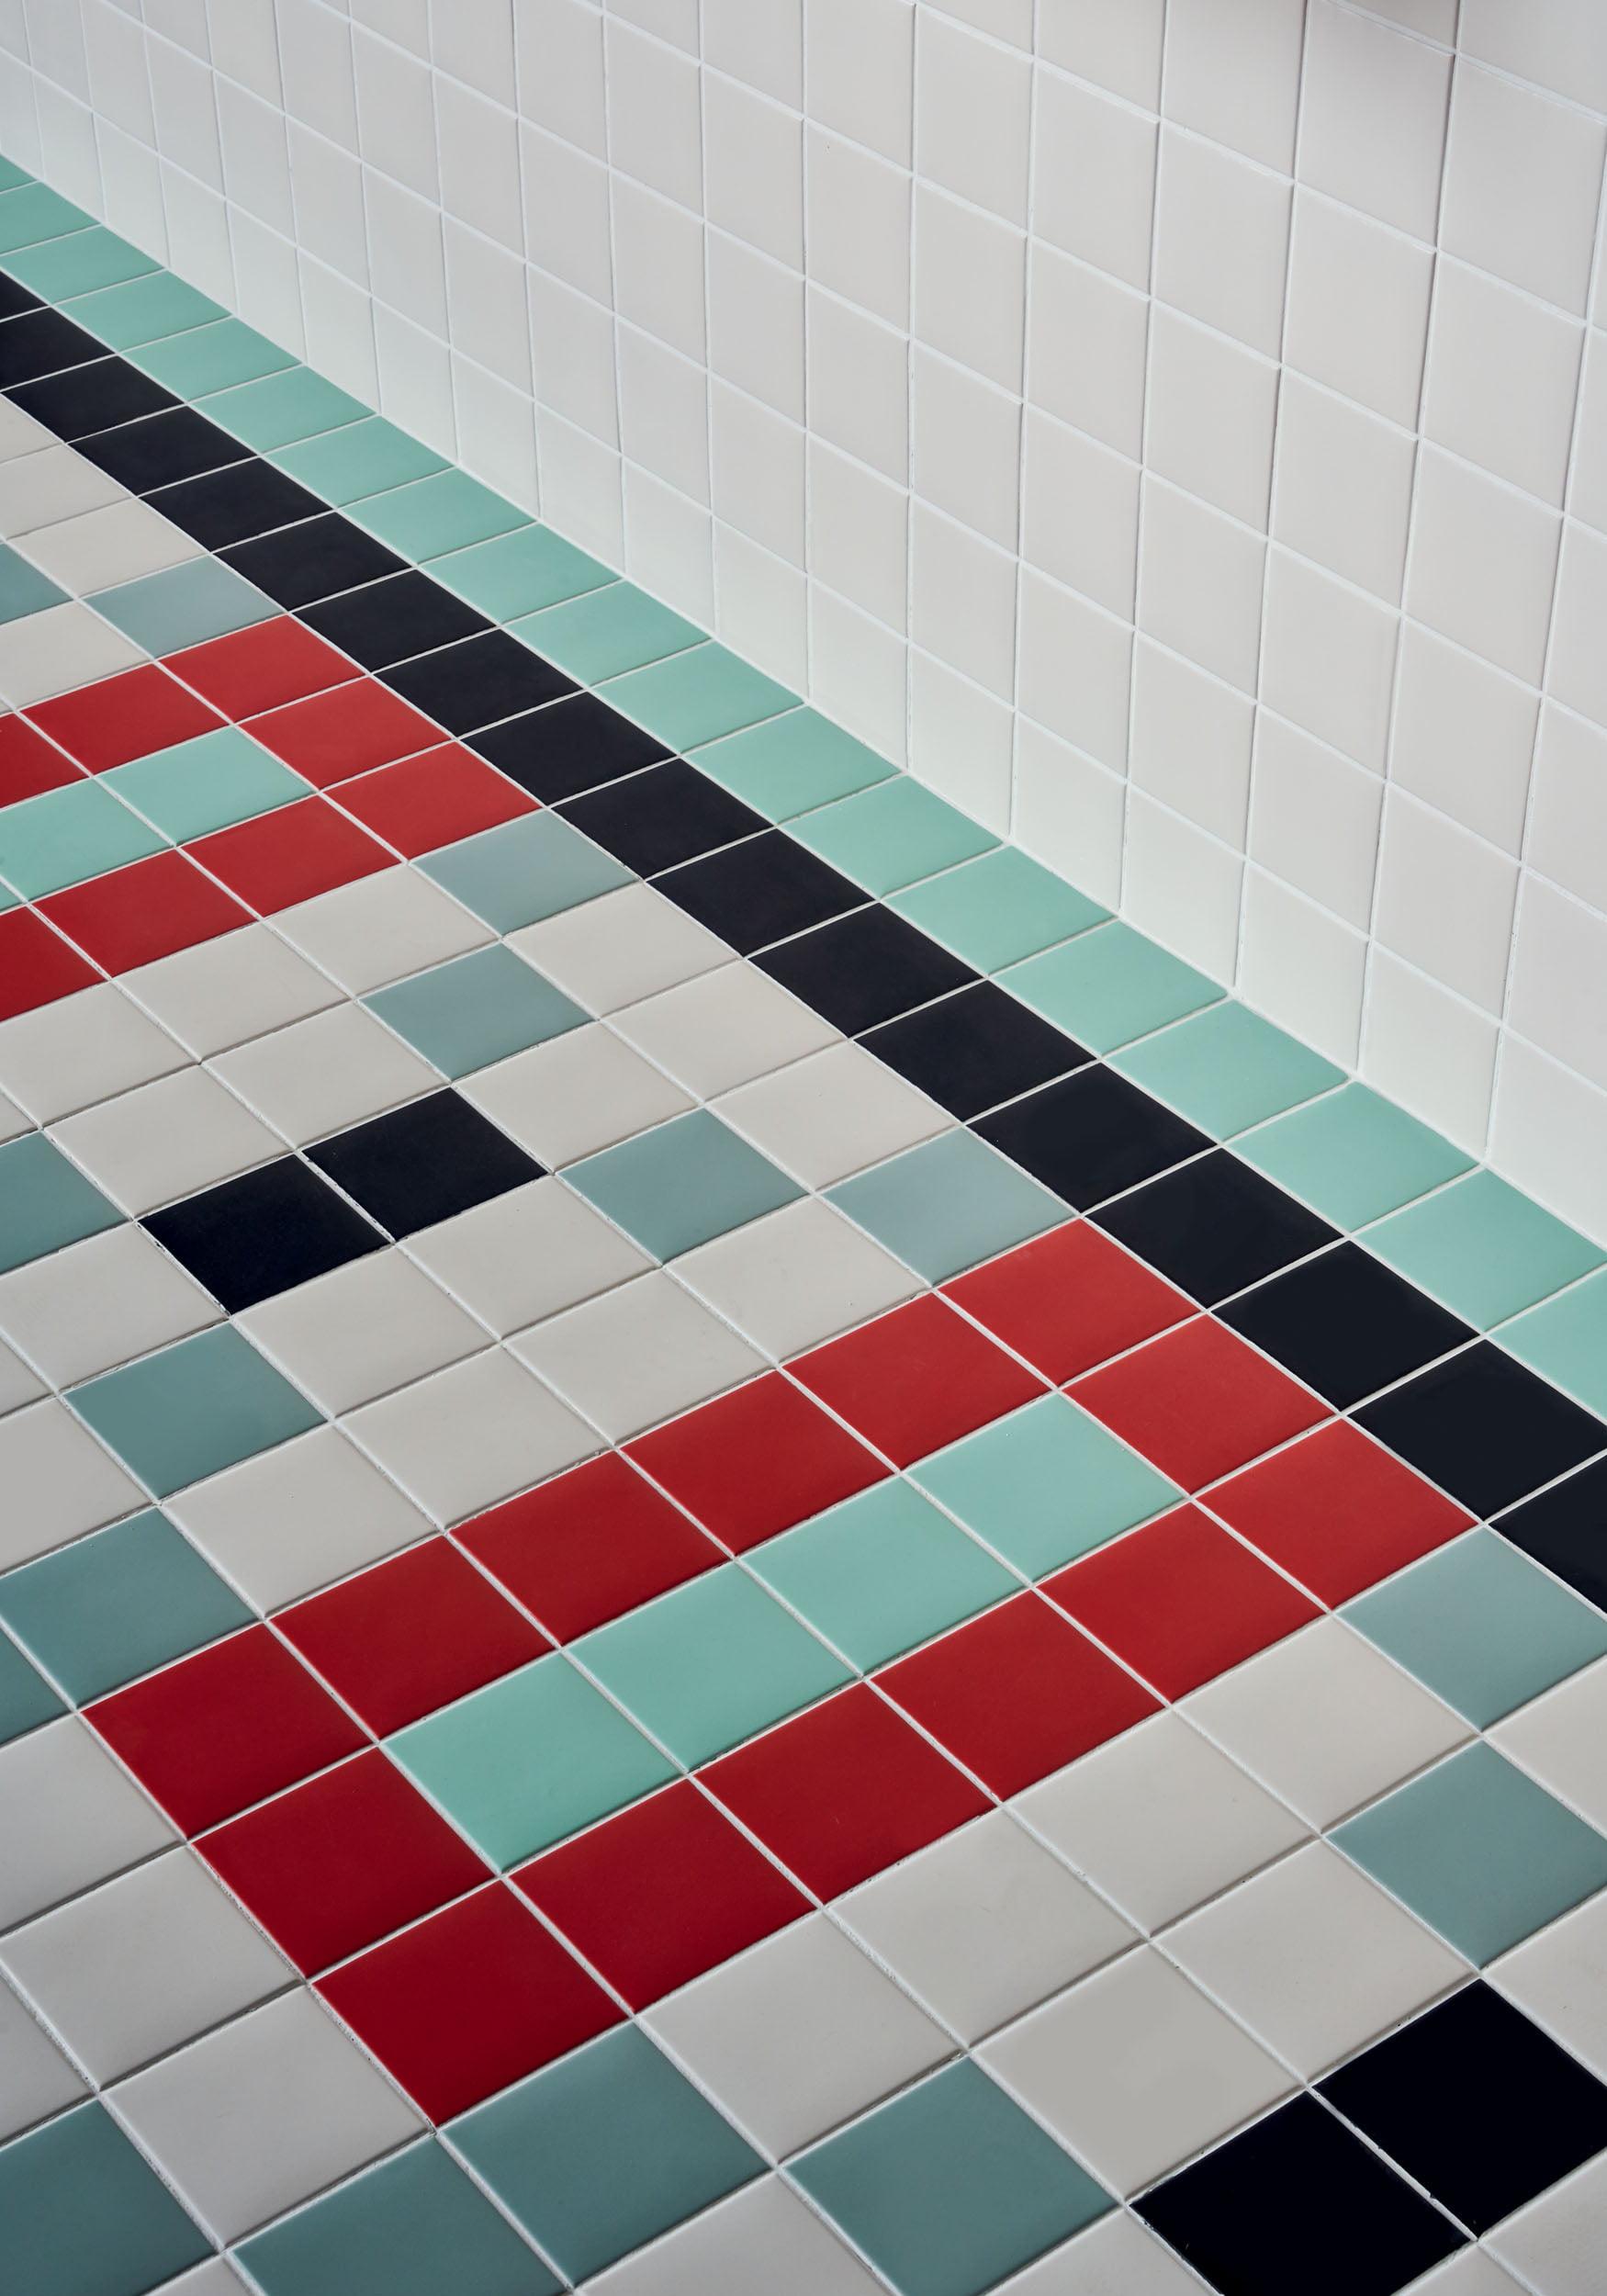 """Pixel41 11,55x11,55 5""""x5"""", 01 Red - 21 White - 25 Black - 34 Celadon - 41 Mint"""